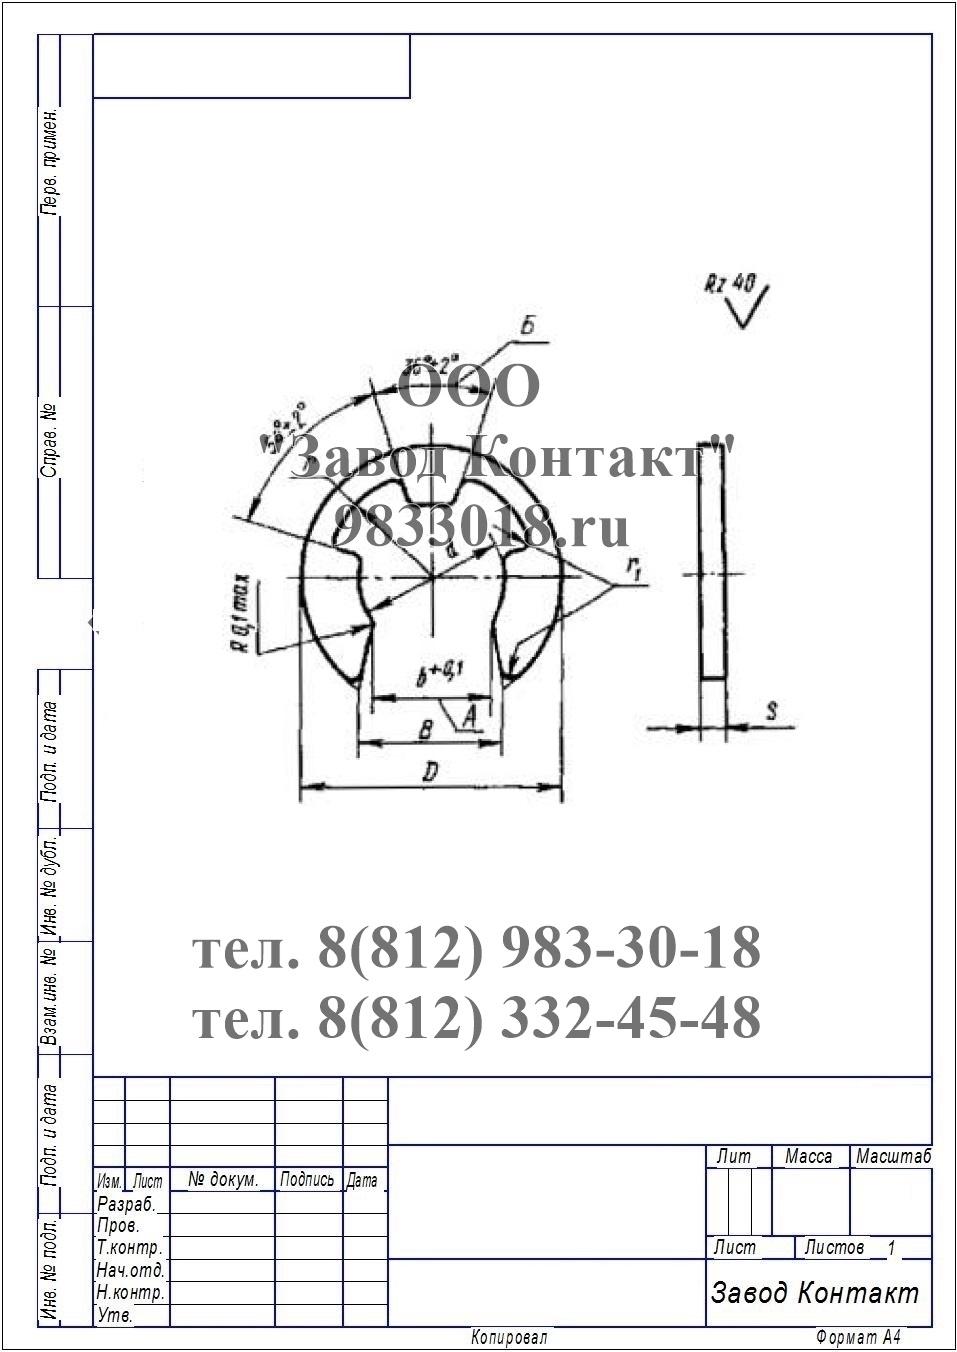 Шайба din 6799 упорная быстросъемная, гост 11648-75, для стопорных.